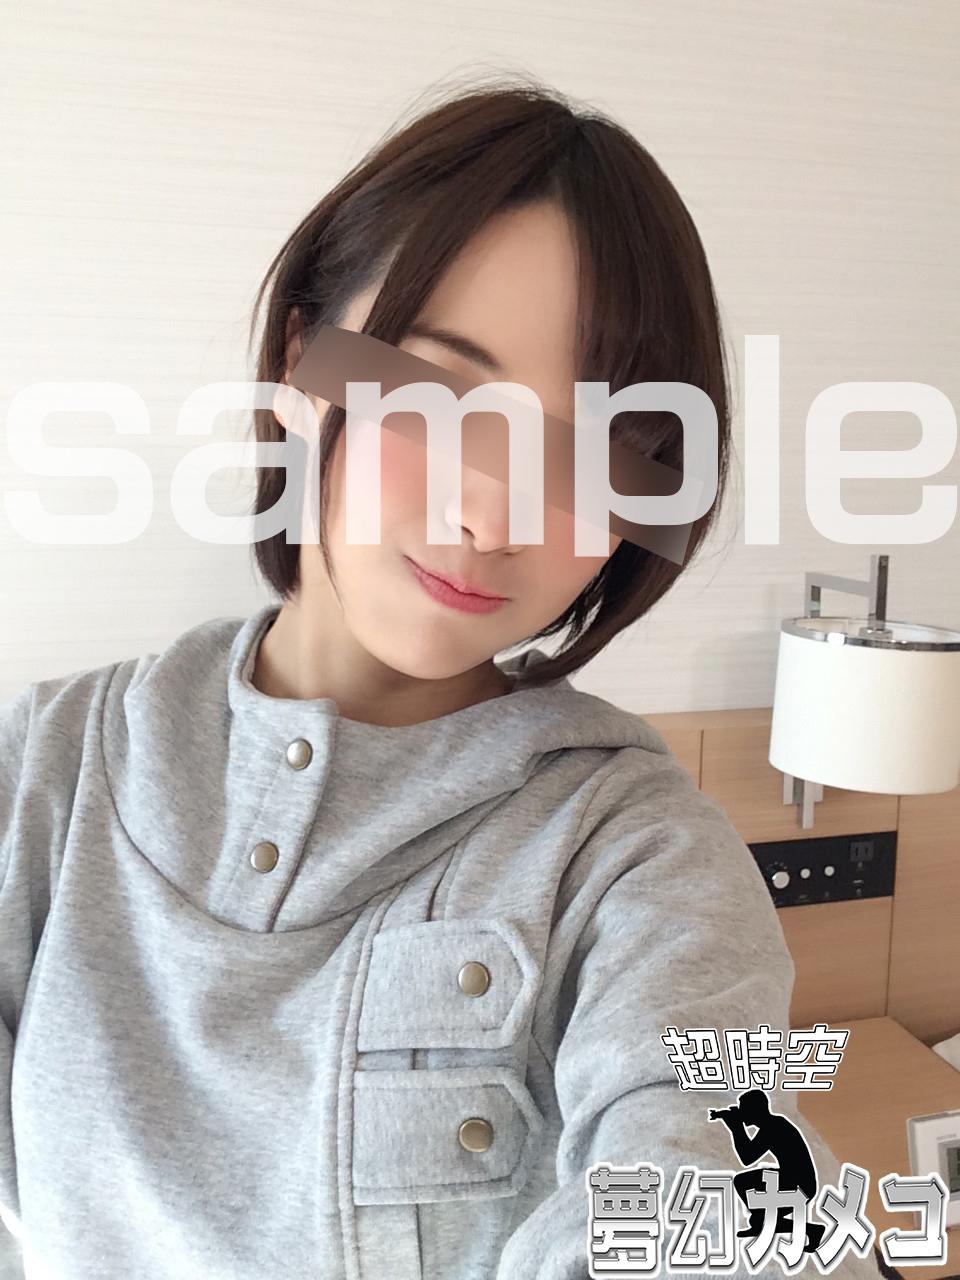 sample (1).jpg